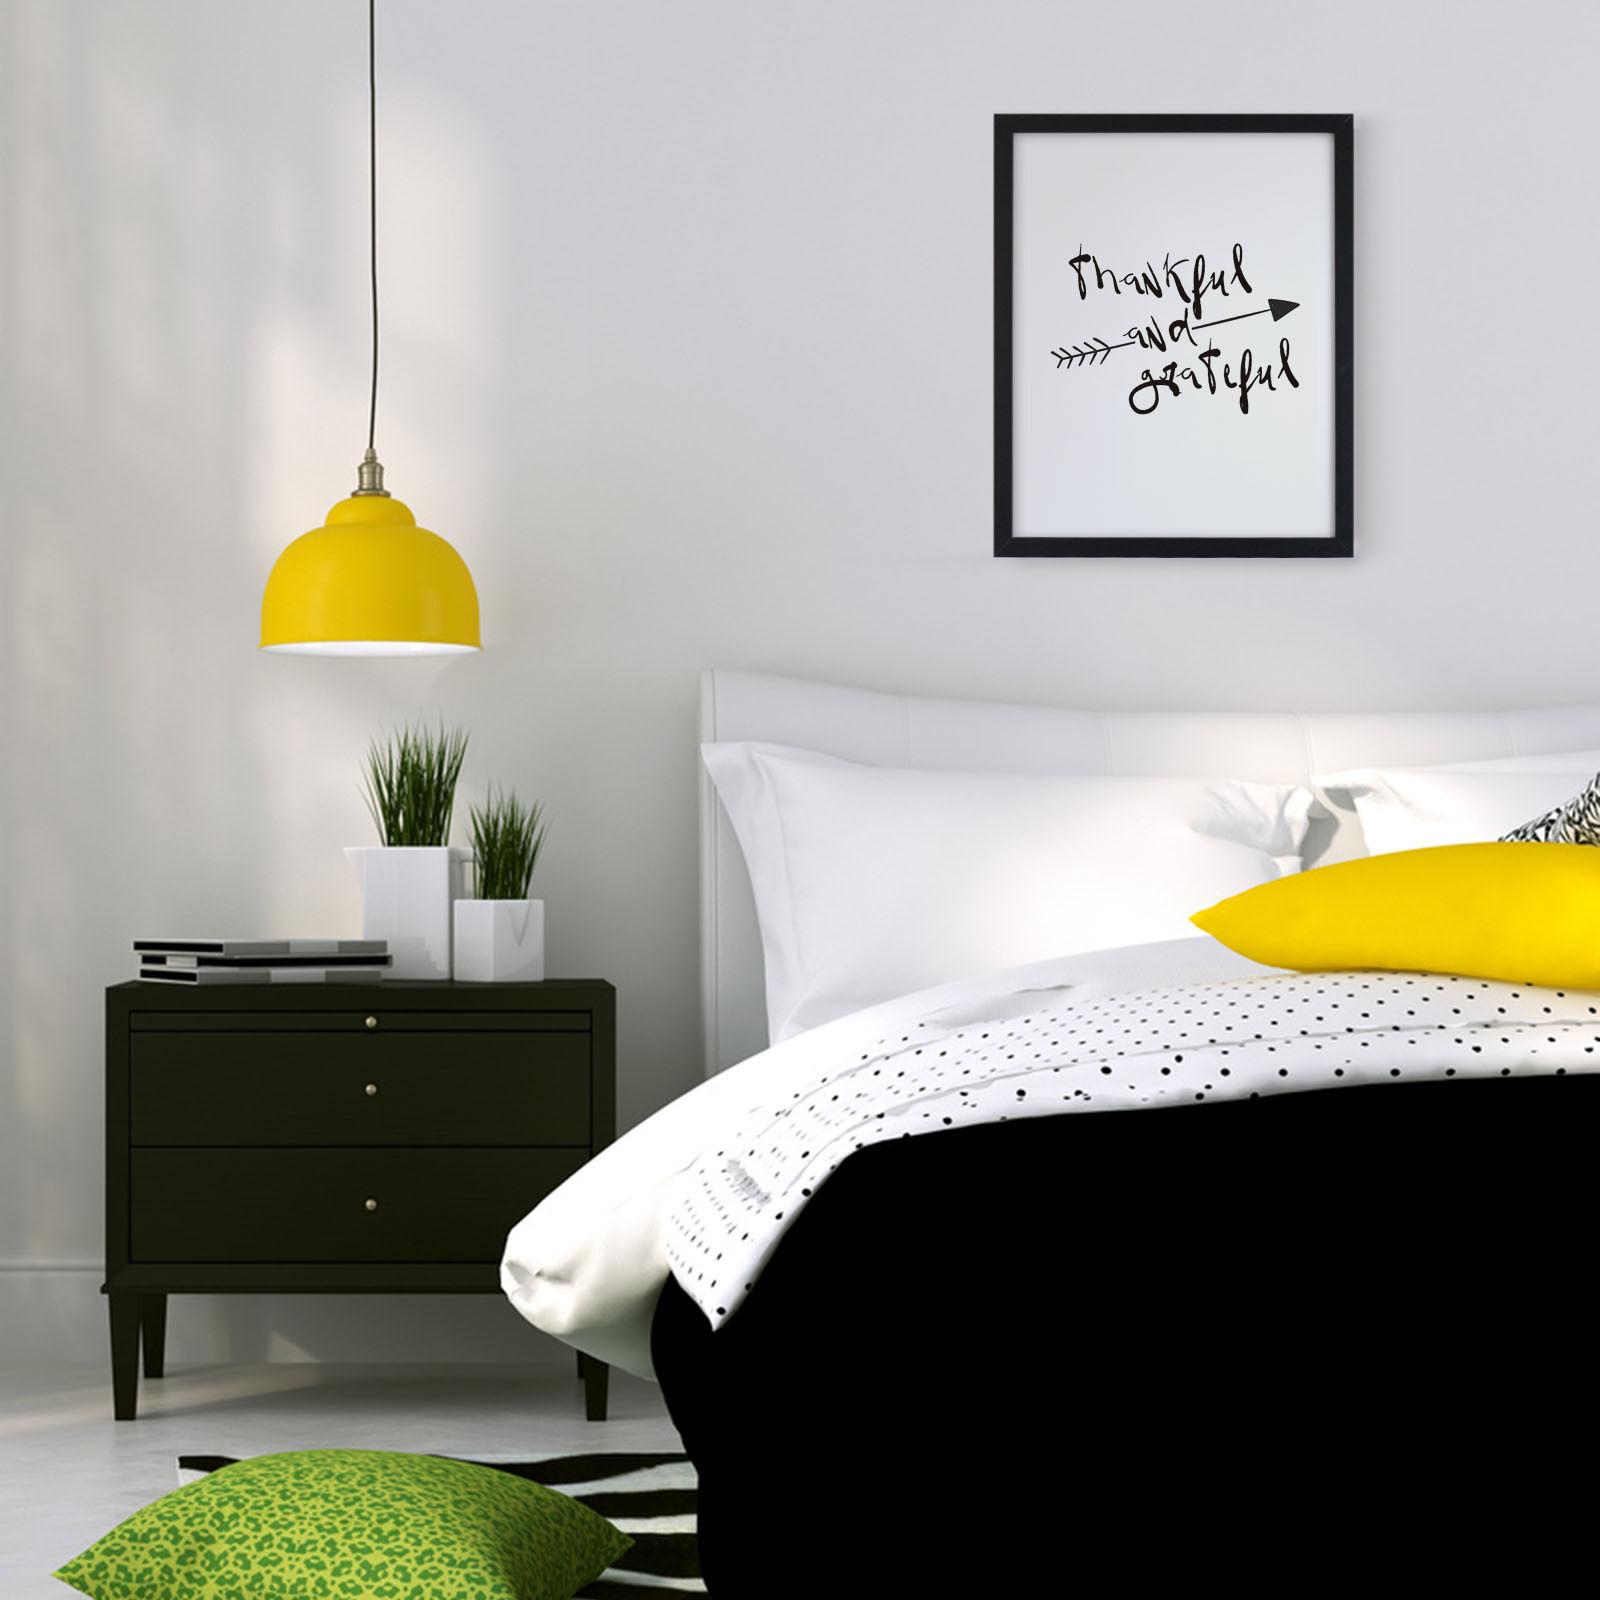 bild bilder mit spr chen rahmen dankbar wei und. Black Bedroom Furniture Sets. Home Design Ideas